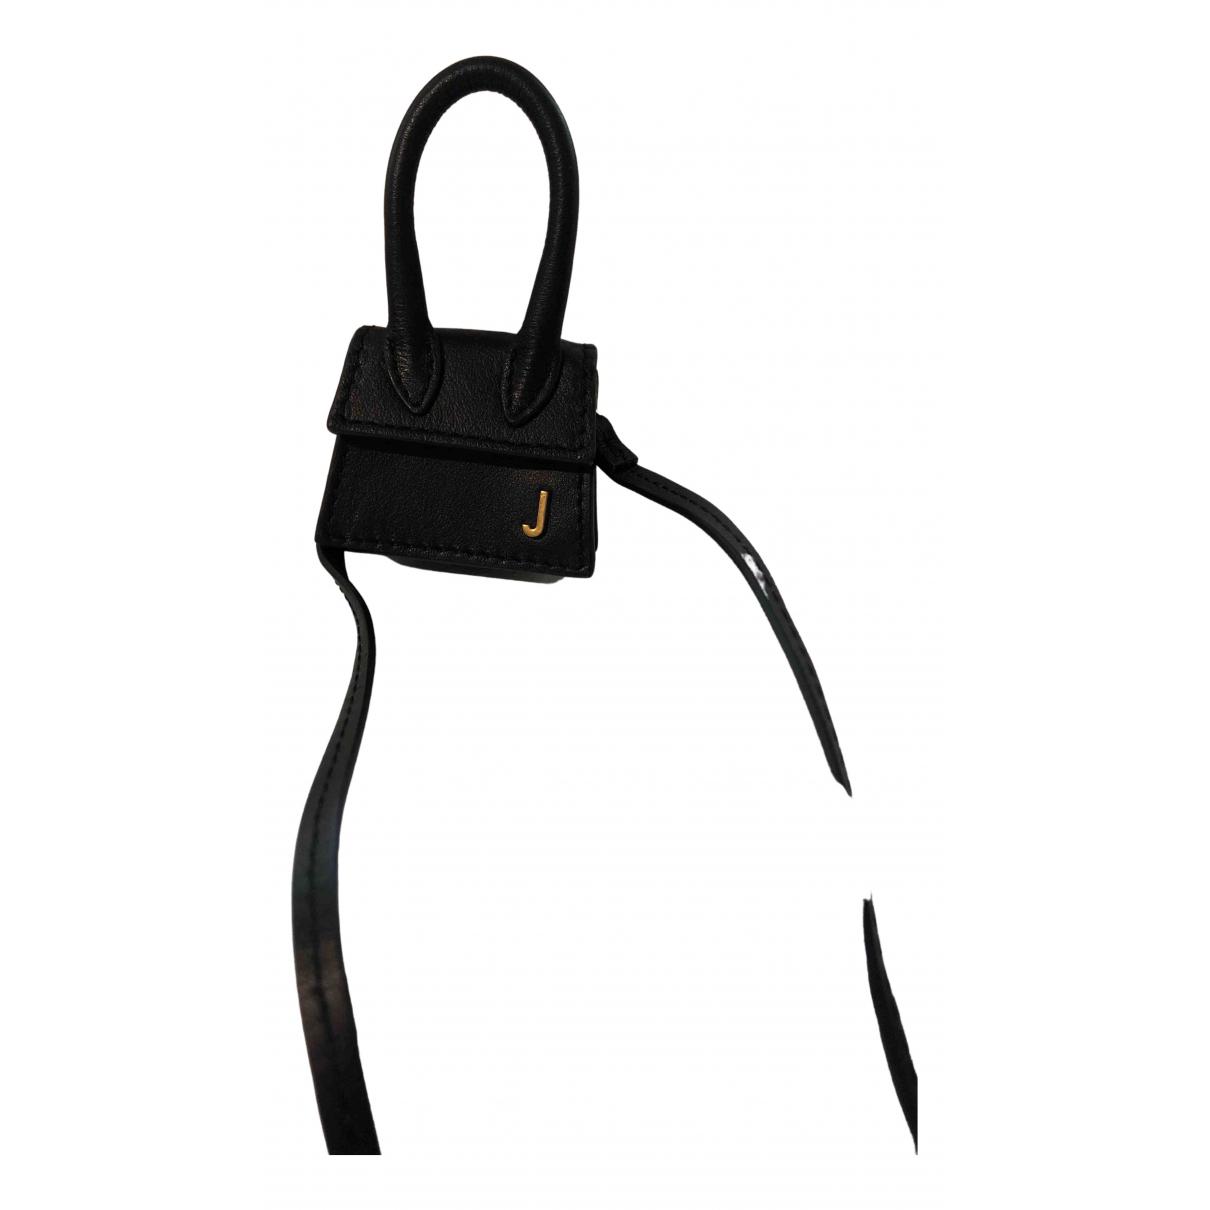 Jacquemus \N Handtasche in  Schwarz Leder